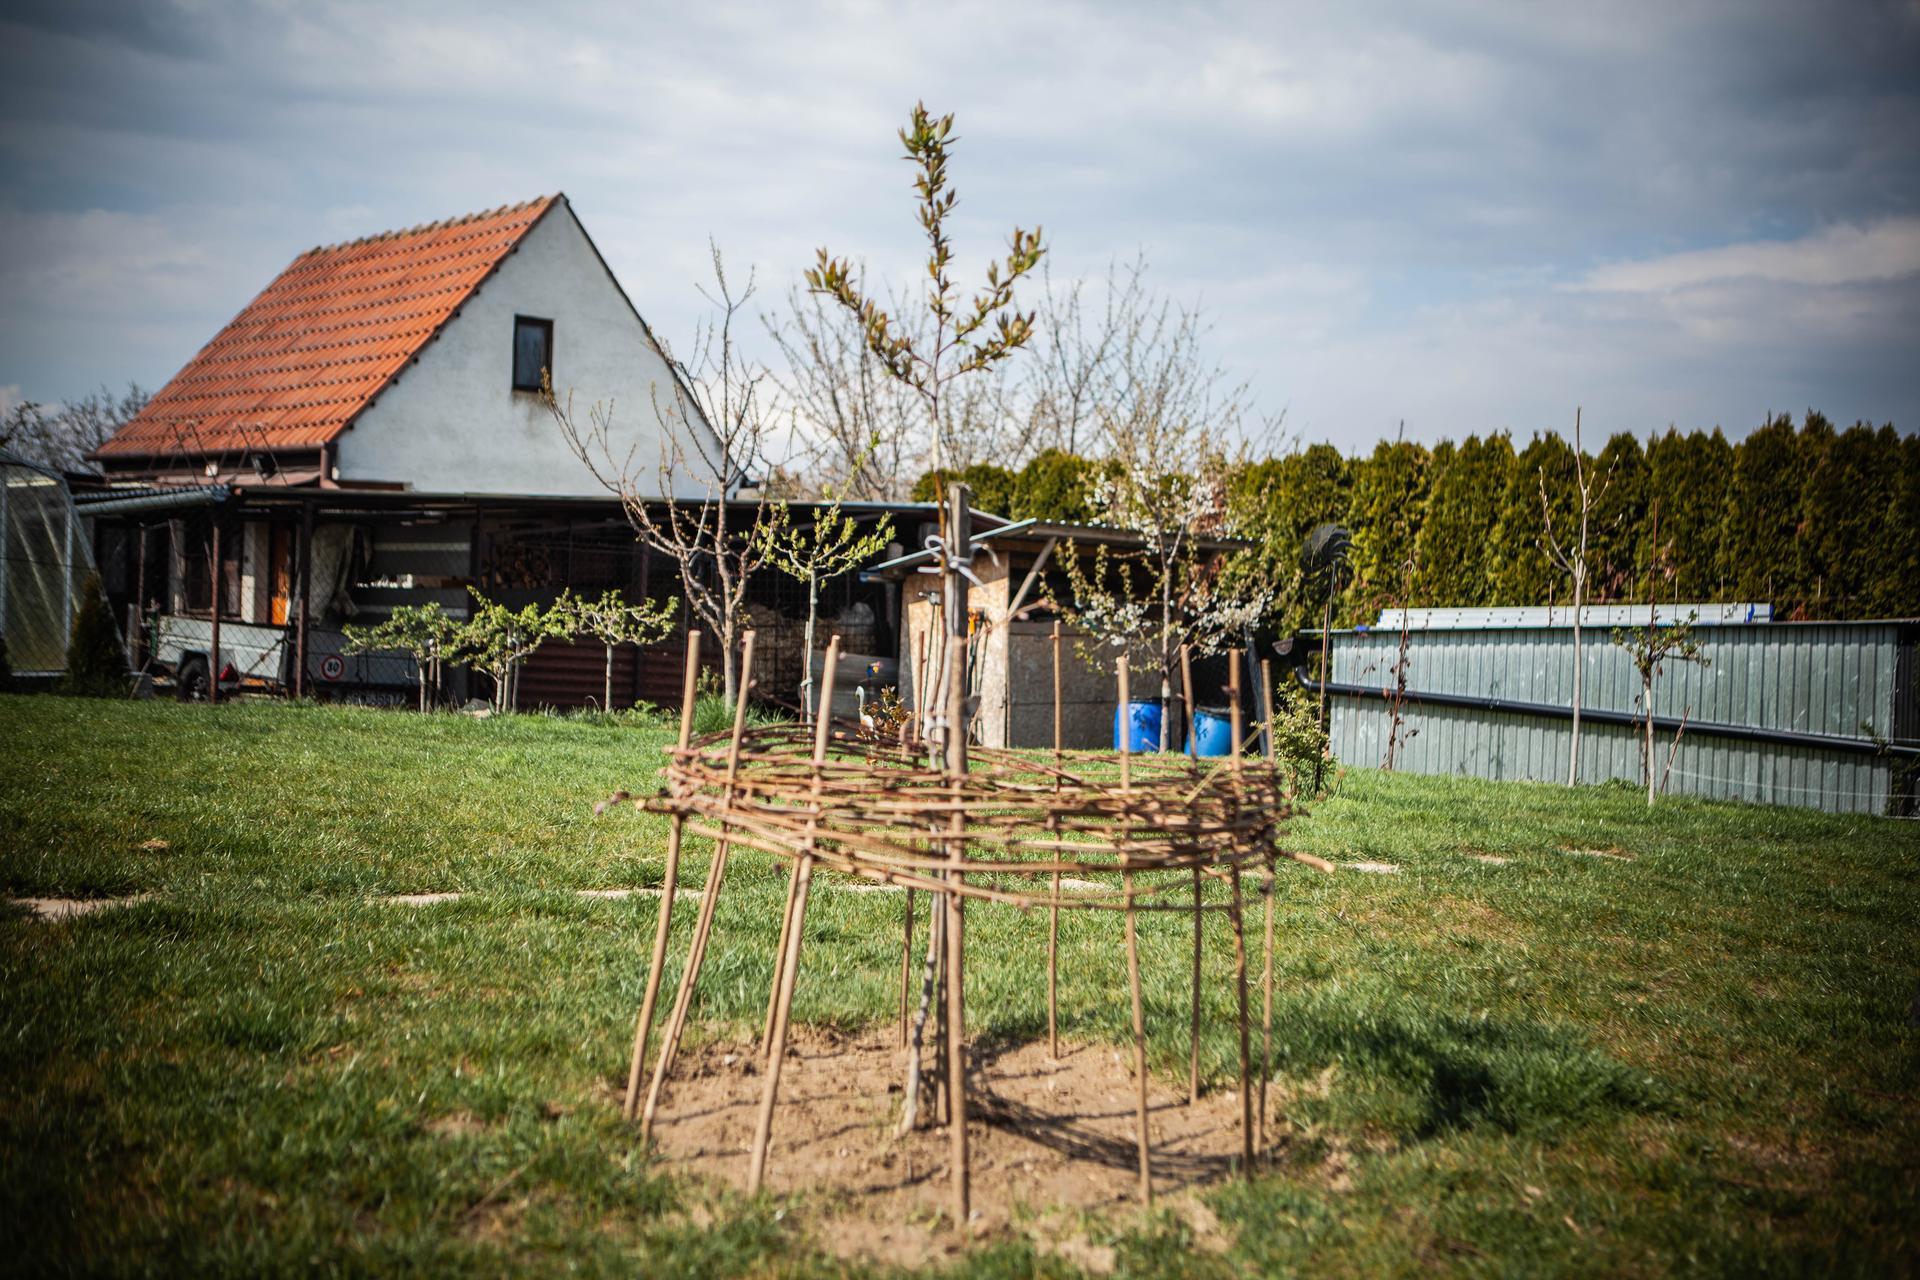 U nas v zahrade v roku 2021 - mispula a pod nou zasiate jedle kvety